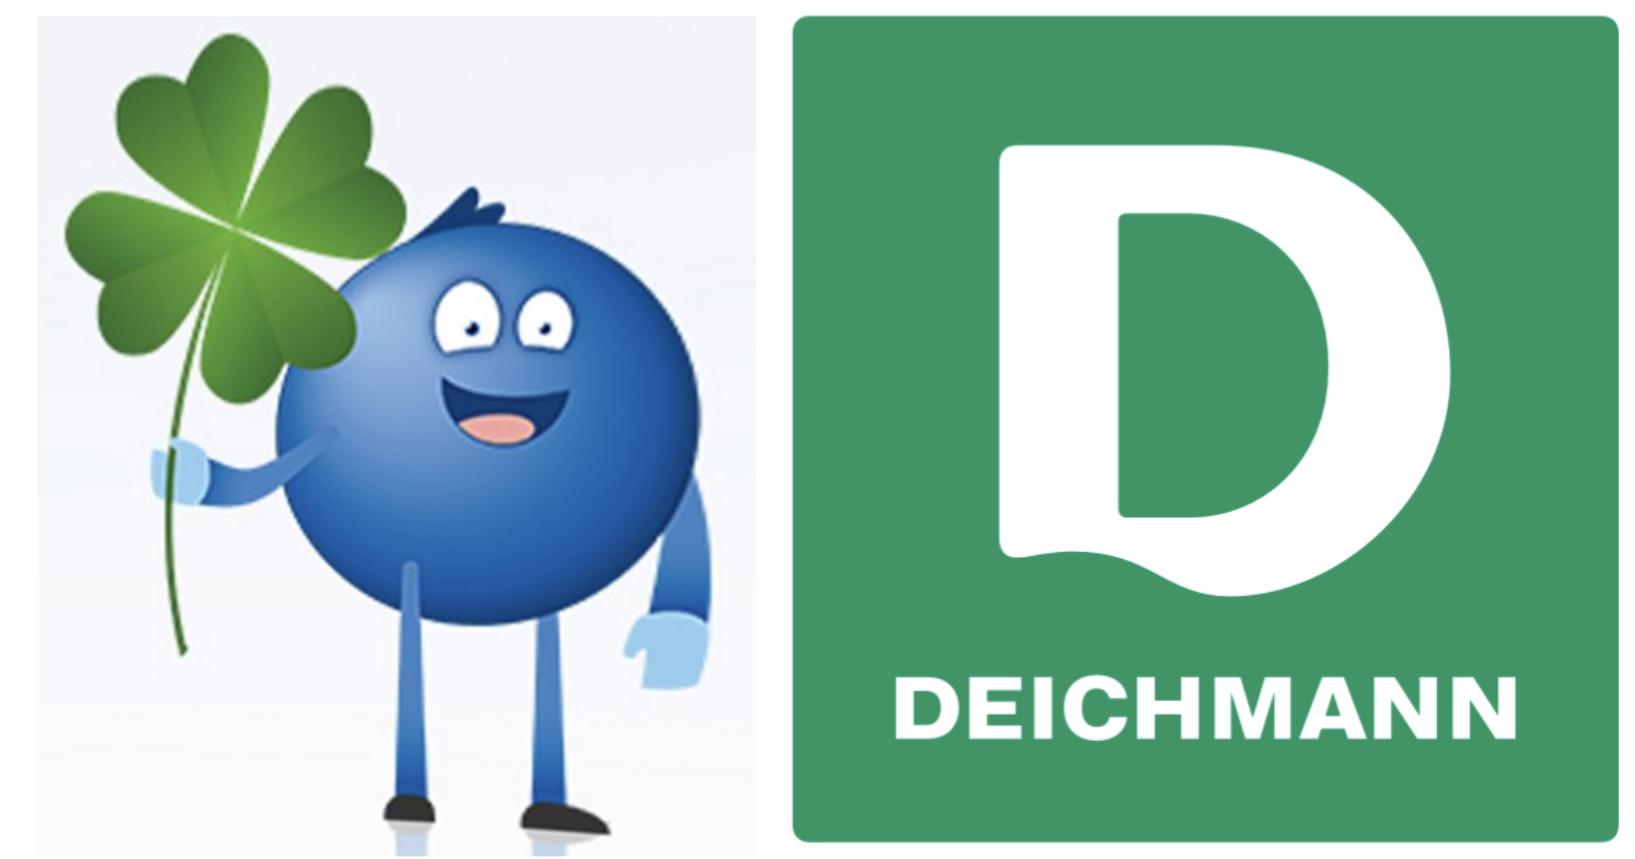 20-fach Payback Punkte bei Deichmann - entspricht ca. 10% Ersparnis - ab 08.06.